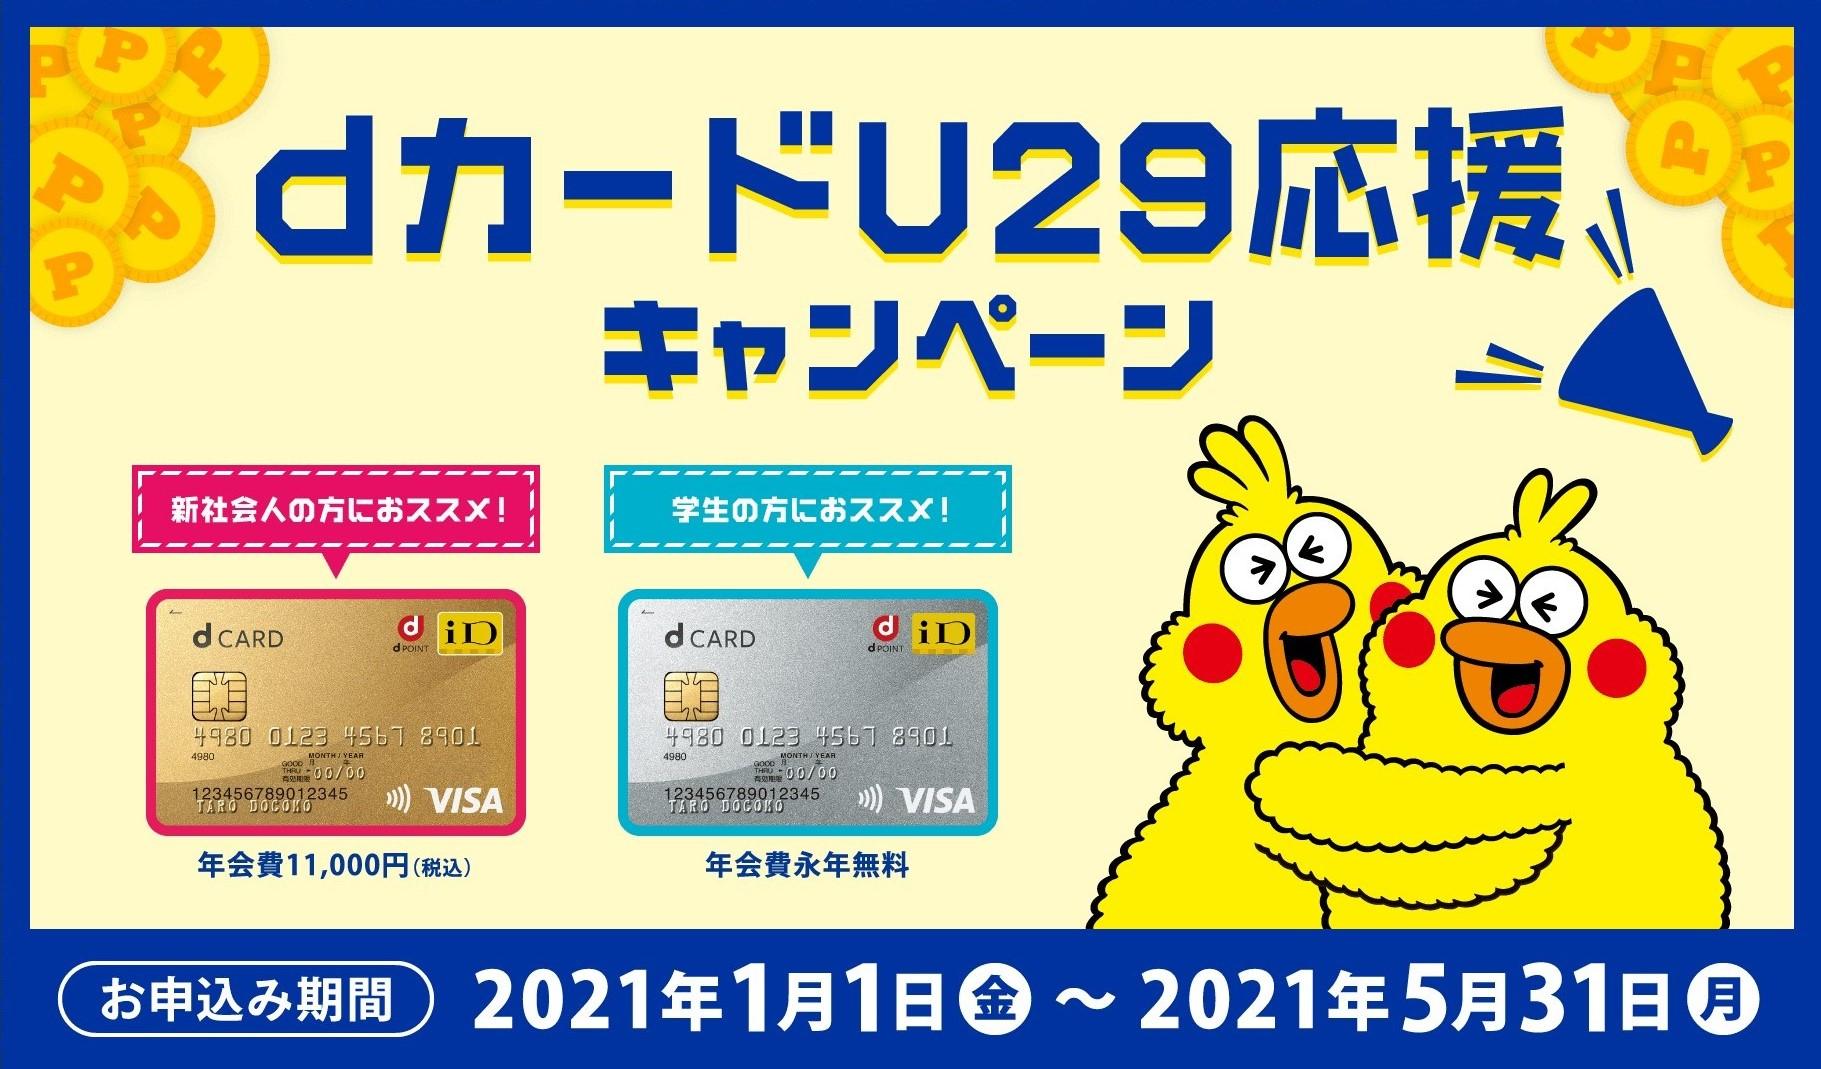 dカードU29応援キャンペーン